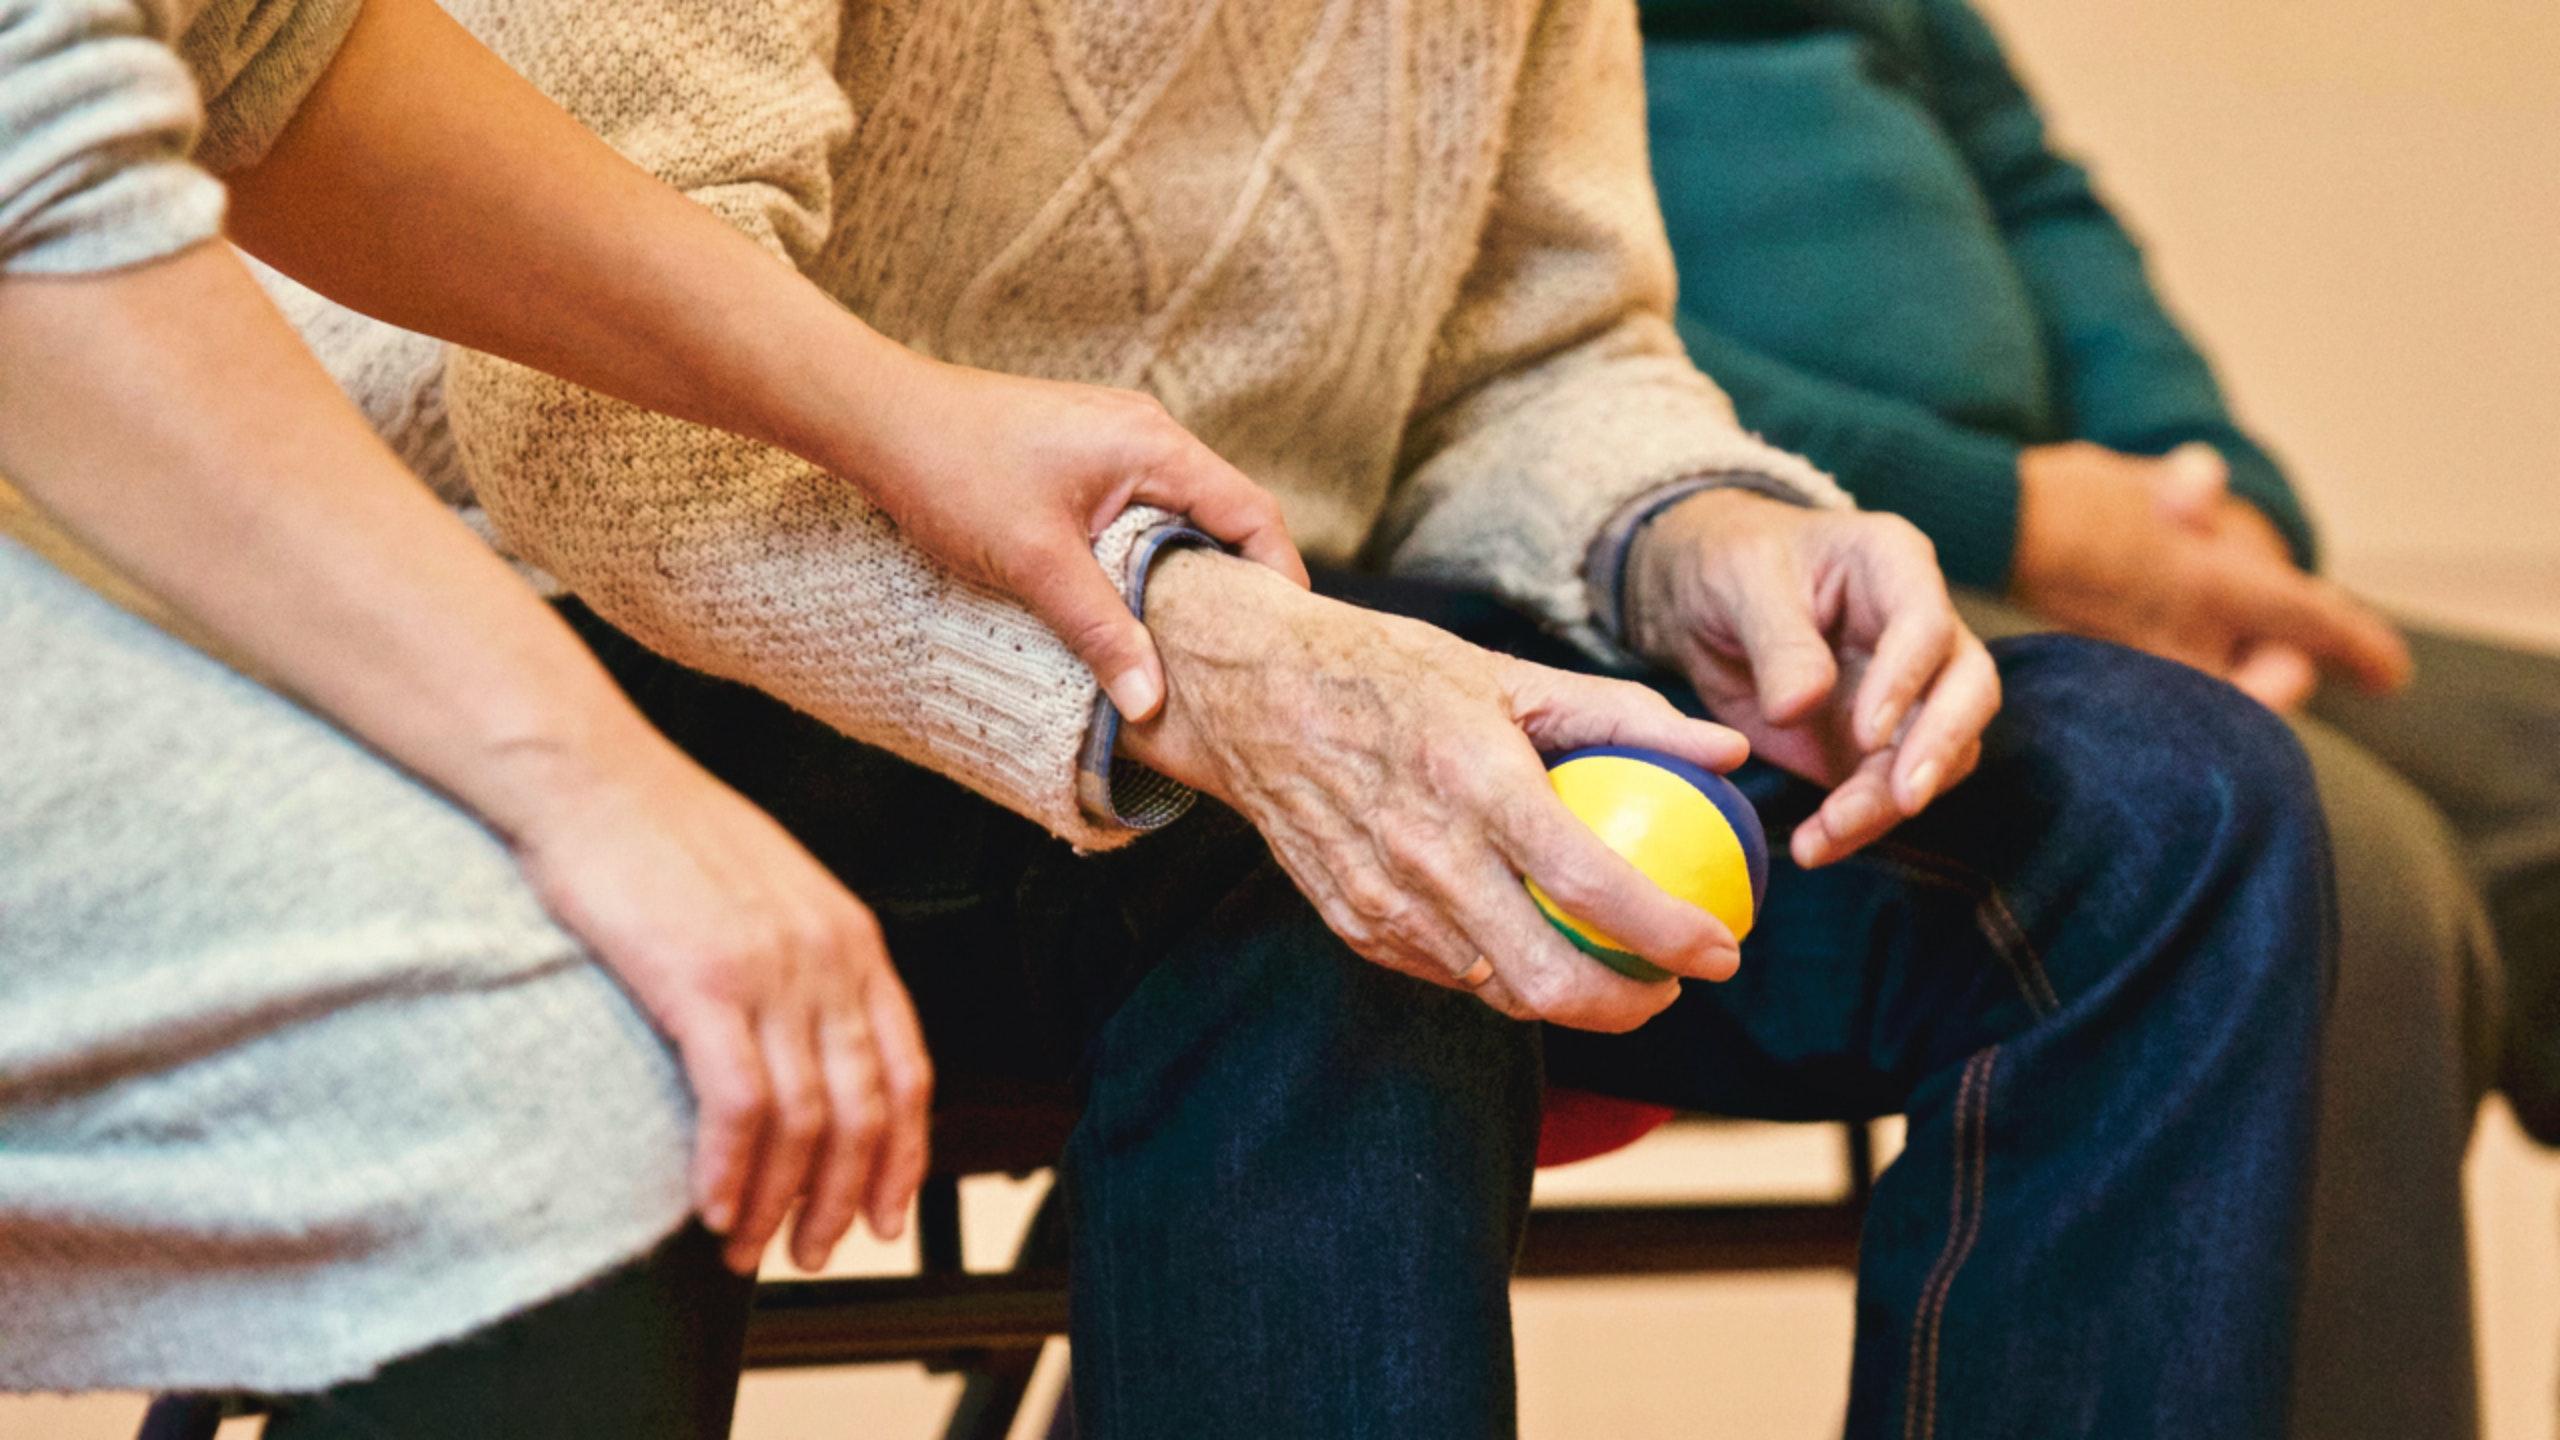 Nurse helping elderly cancer patient